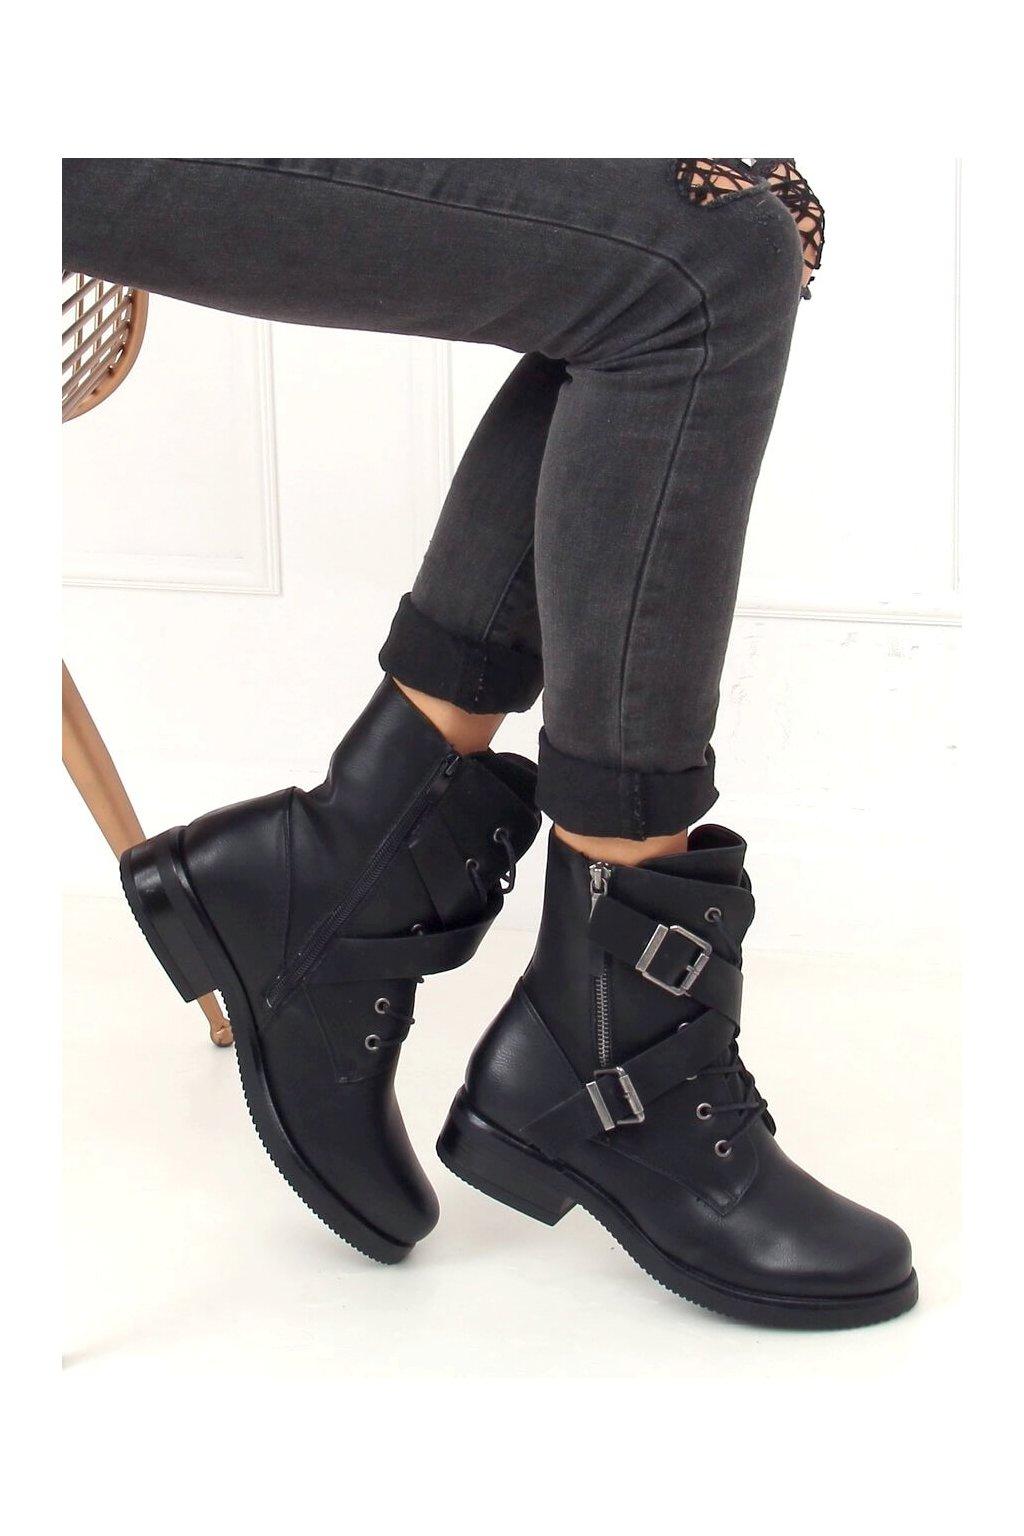 Dámske členkové topánky čierne na plochom podpätku 88041